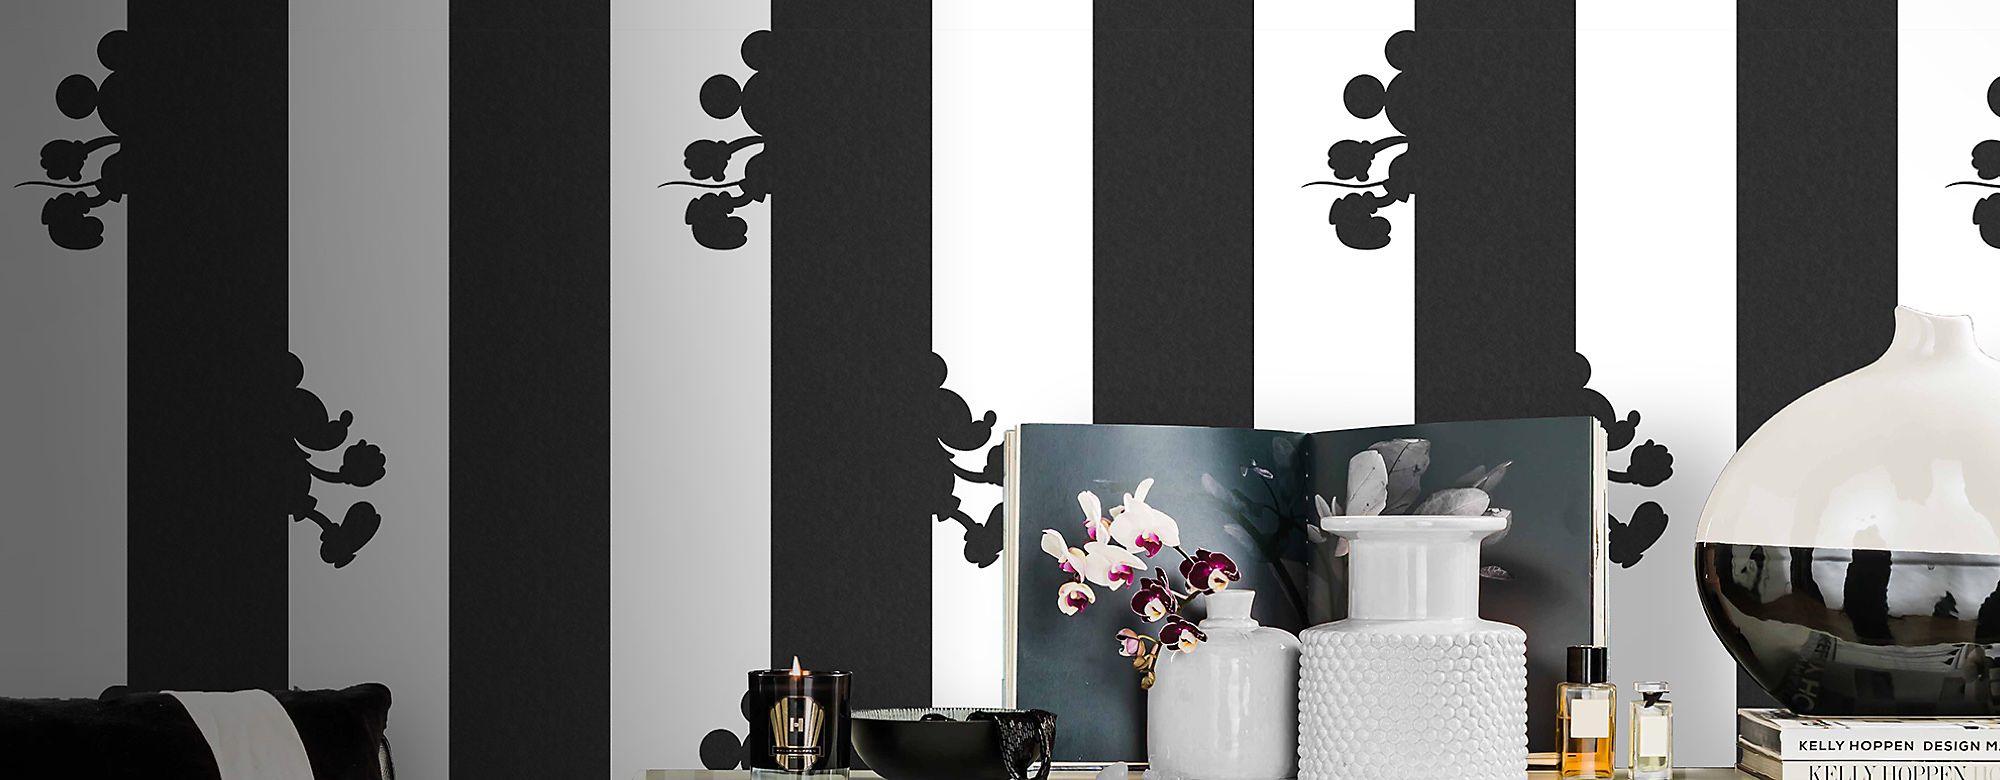 Kelly Hoppen Dynamisez l'image de votre maison grâce à la nouvelle collaboration de la marque de décoration d'intérieur Kelly Hoppen et Disney. DÉCOUVRIR